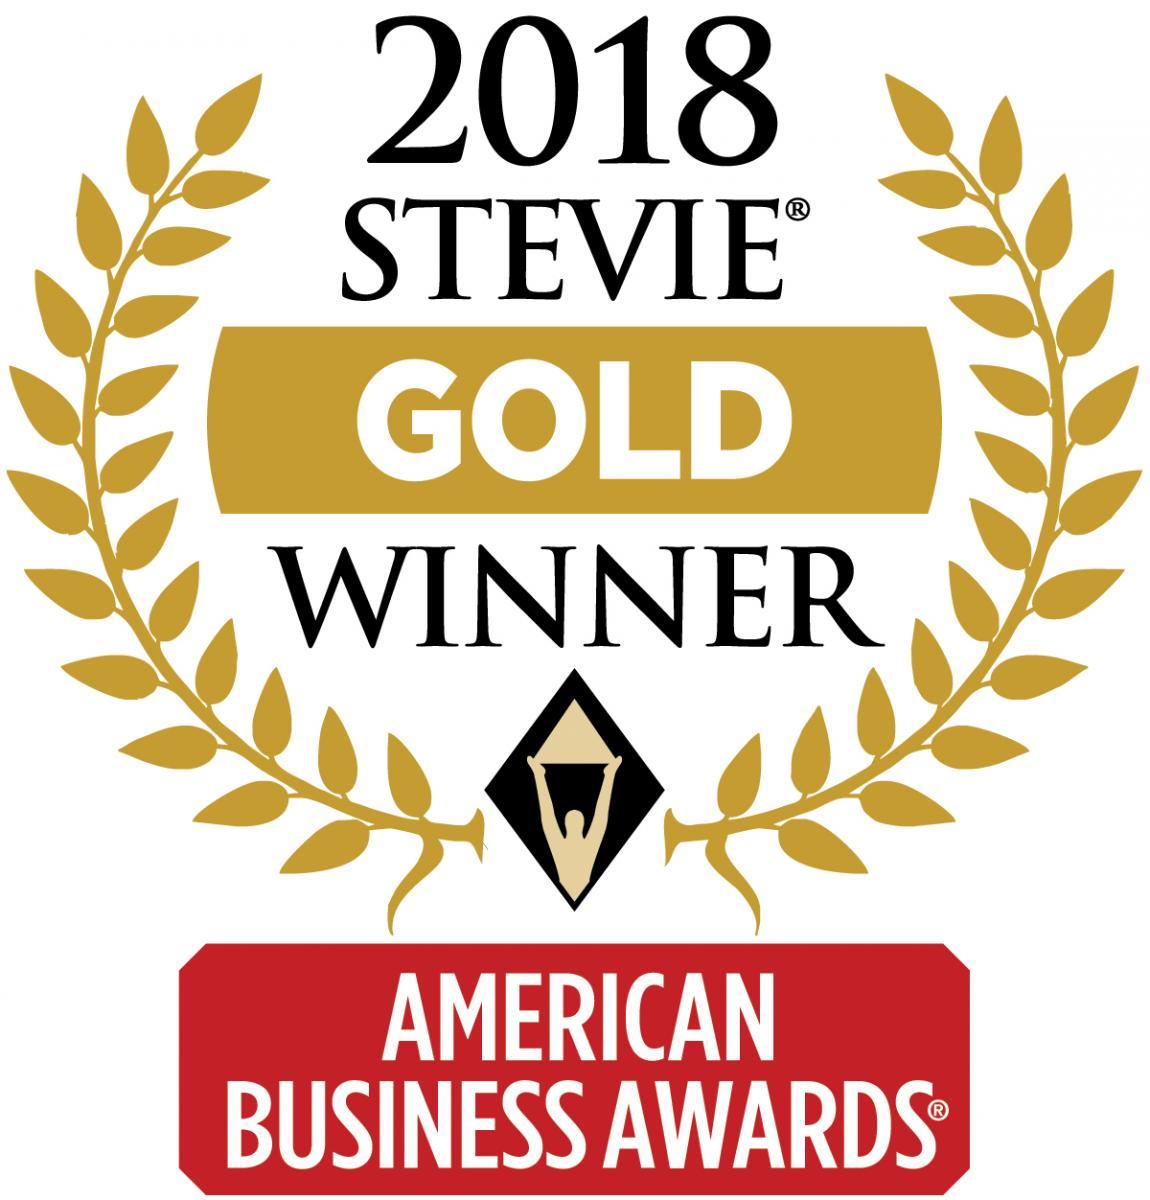 2018 Gold Stevie Award